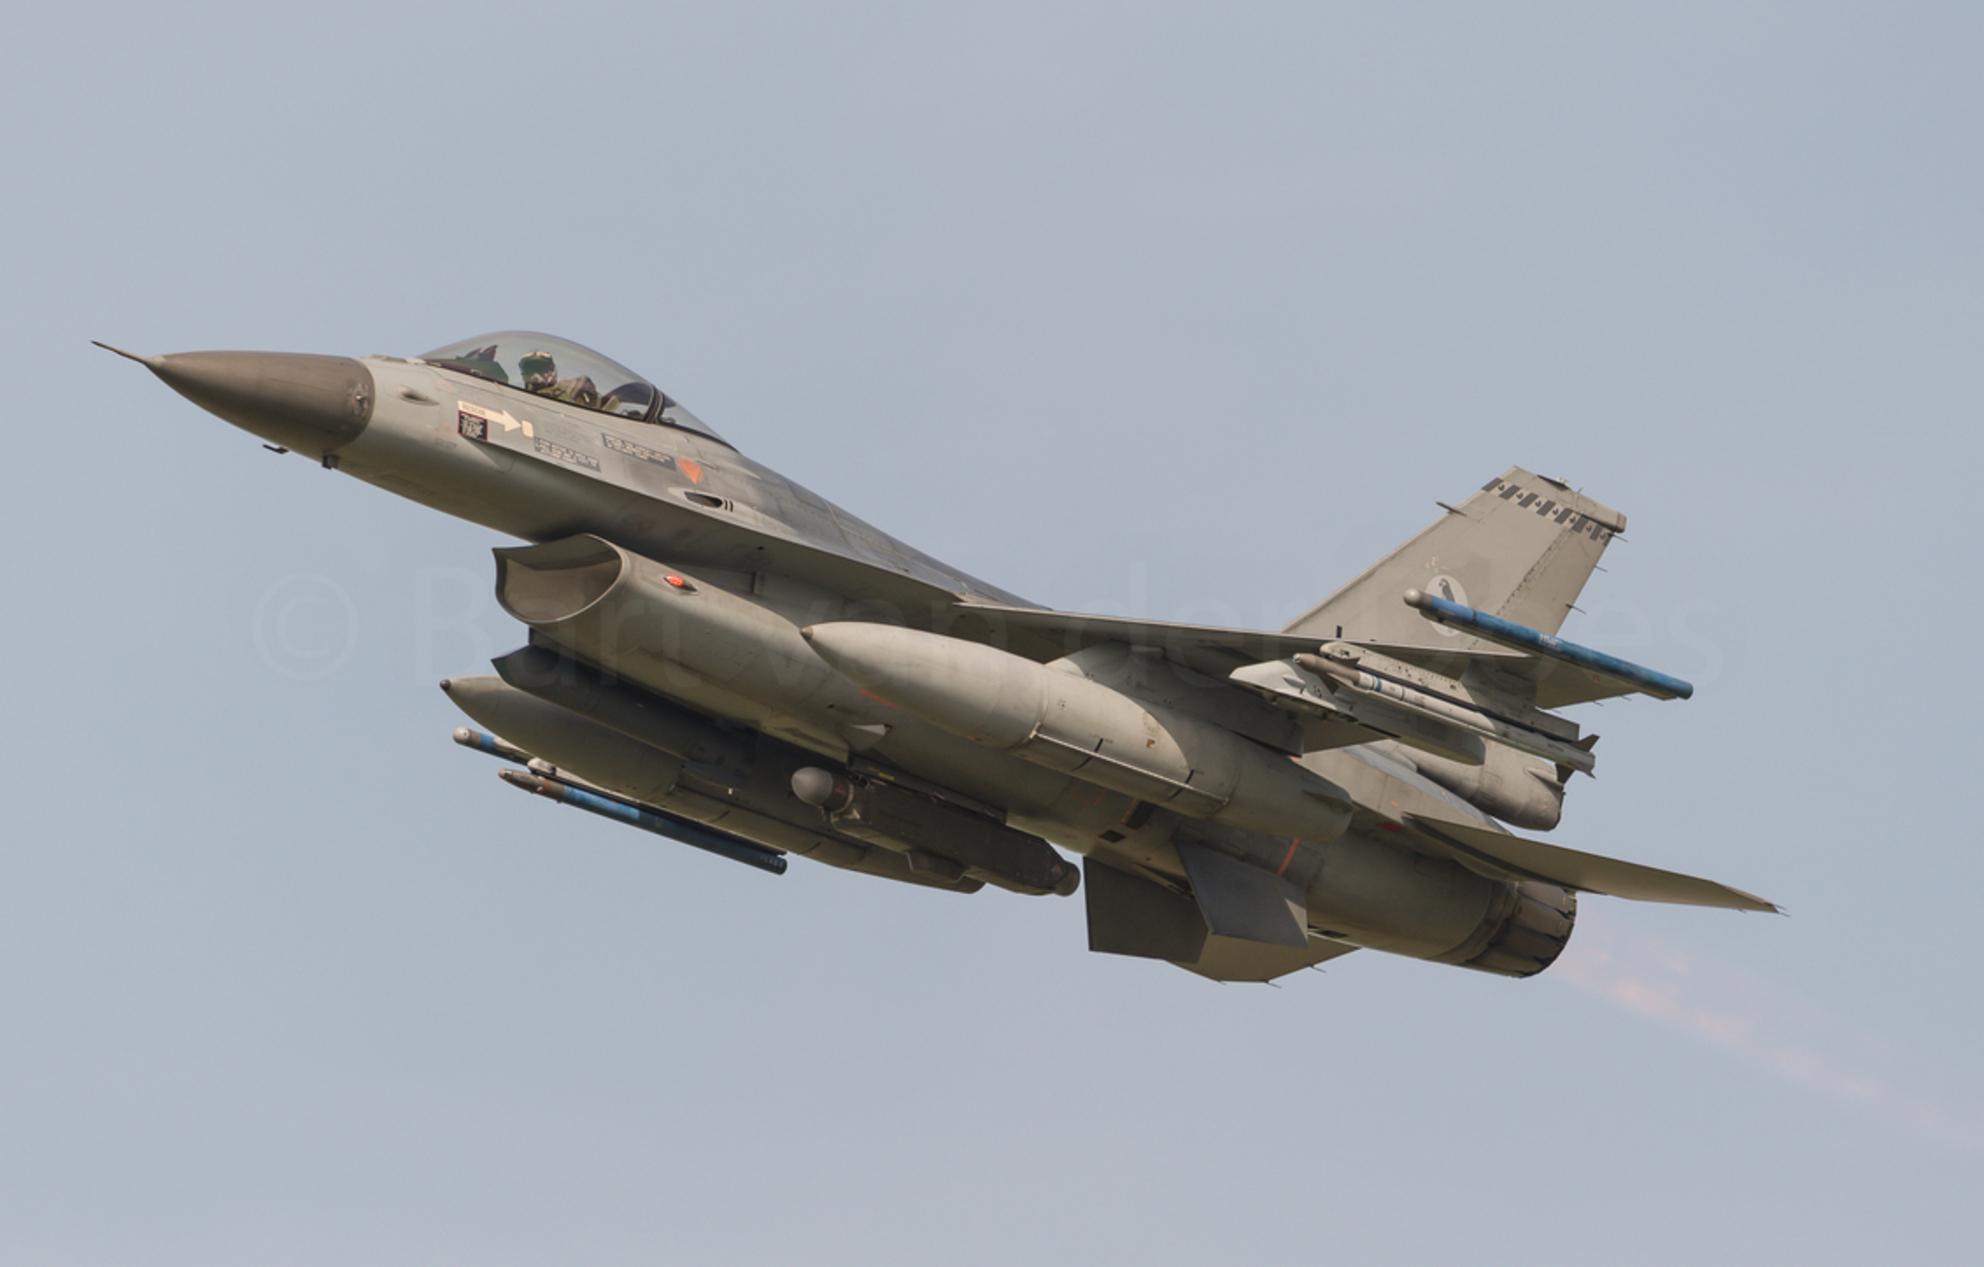 F-16A Block 20 MLU RNLAF J-871 - F-16A Block 20 MLU RNLAF J-871 - foto door BirdieBarty op 03-05-2017 - deze foto bevat: vliegtuig, afterburner, leeuwarden, piloot, volkel, airborne, vliegbasis, f-16, take-off - Deze foto mag gebruikt worden in een Zoom.nl publicatie